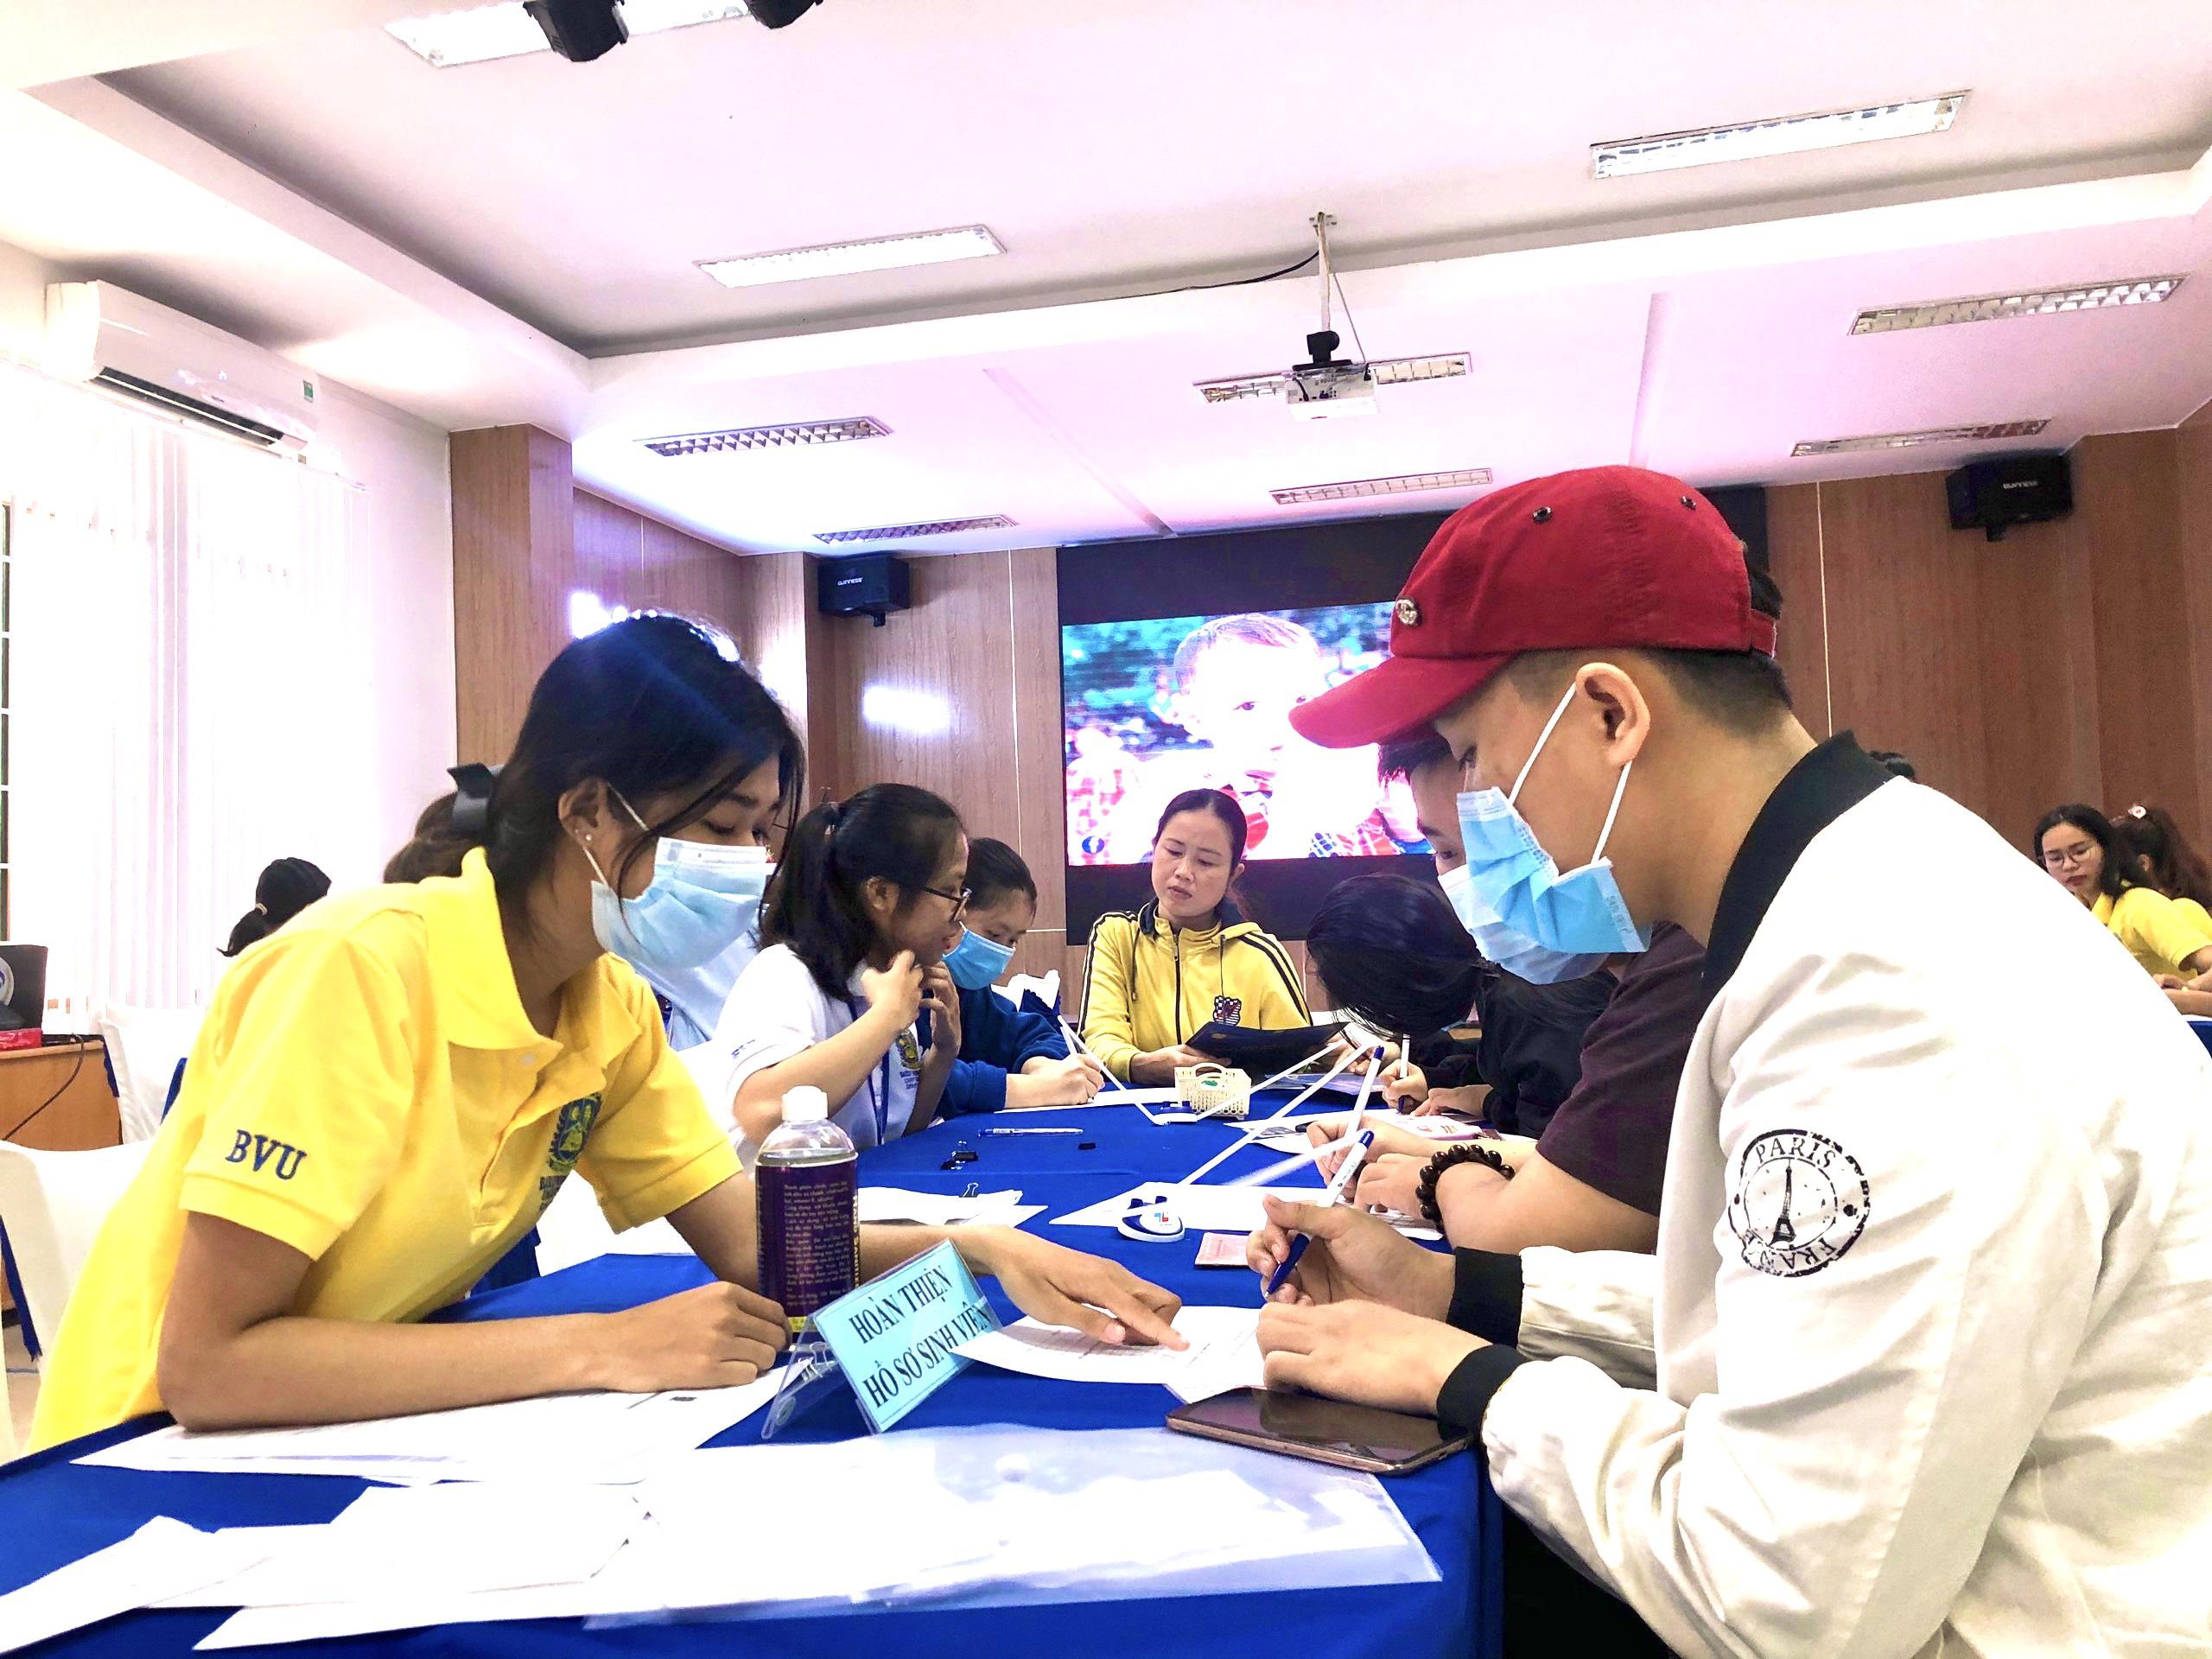 DOI TINH NGUYEN HUONG DAN NHAP HOC2 Lan tỏa yêu thương cùng đội tình nguyện của BVU